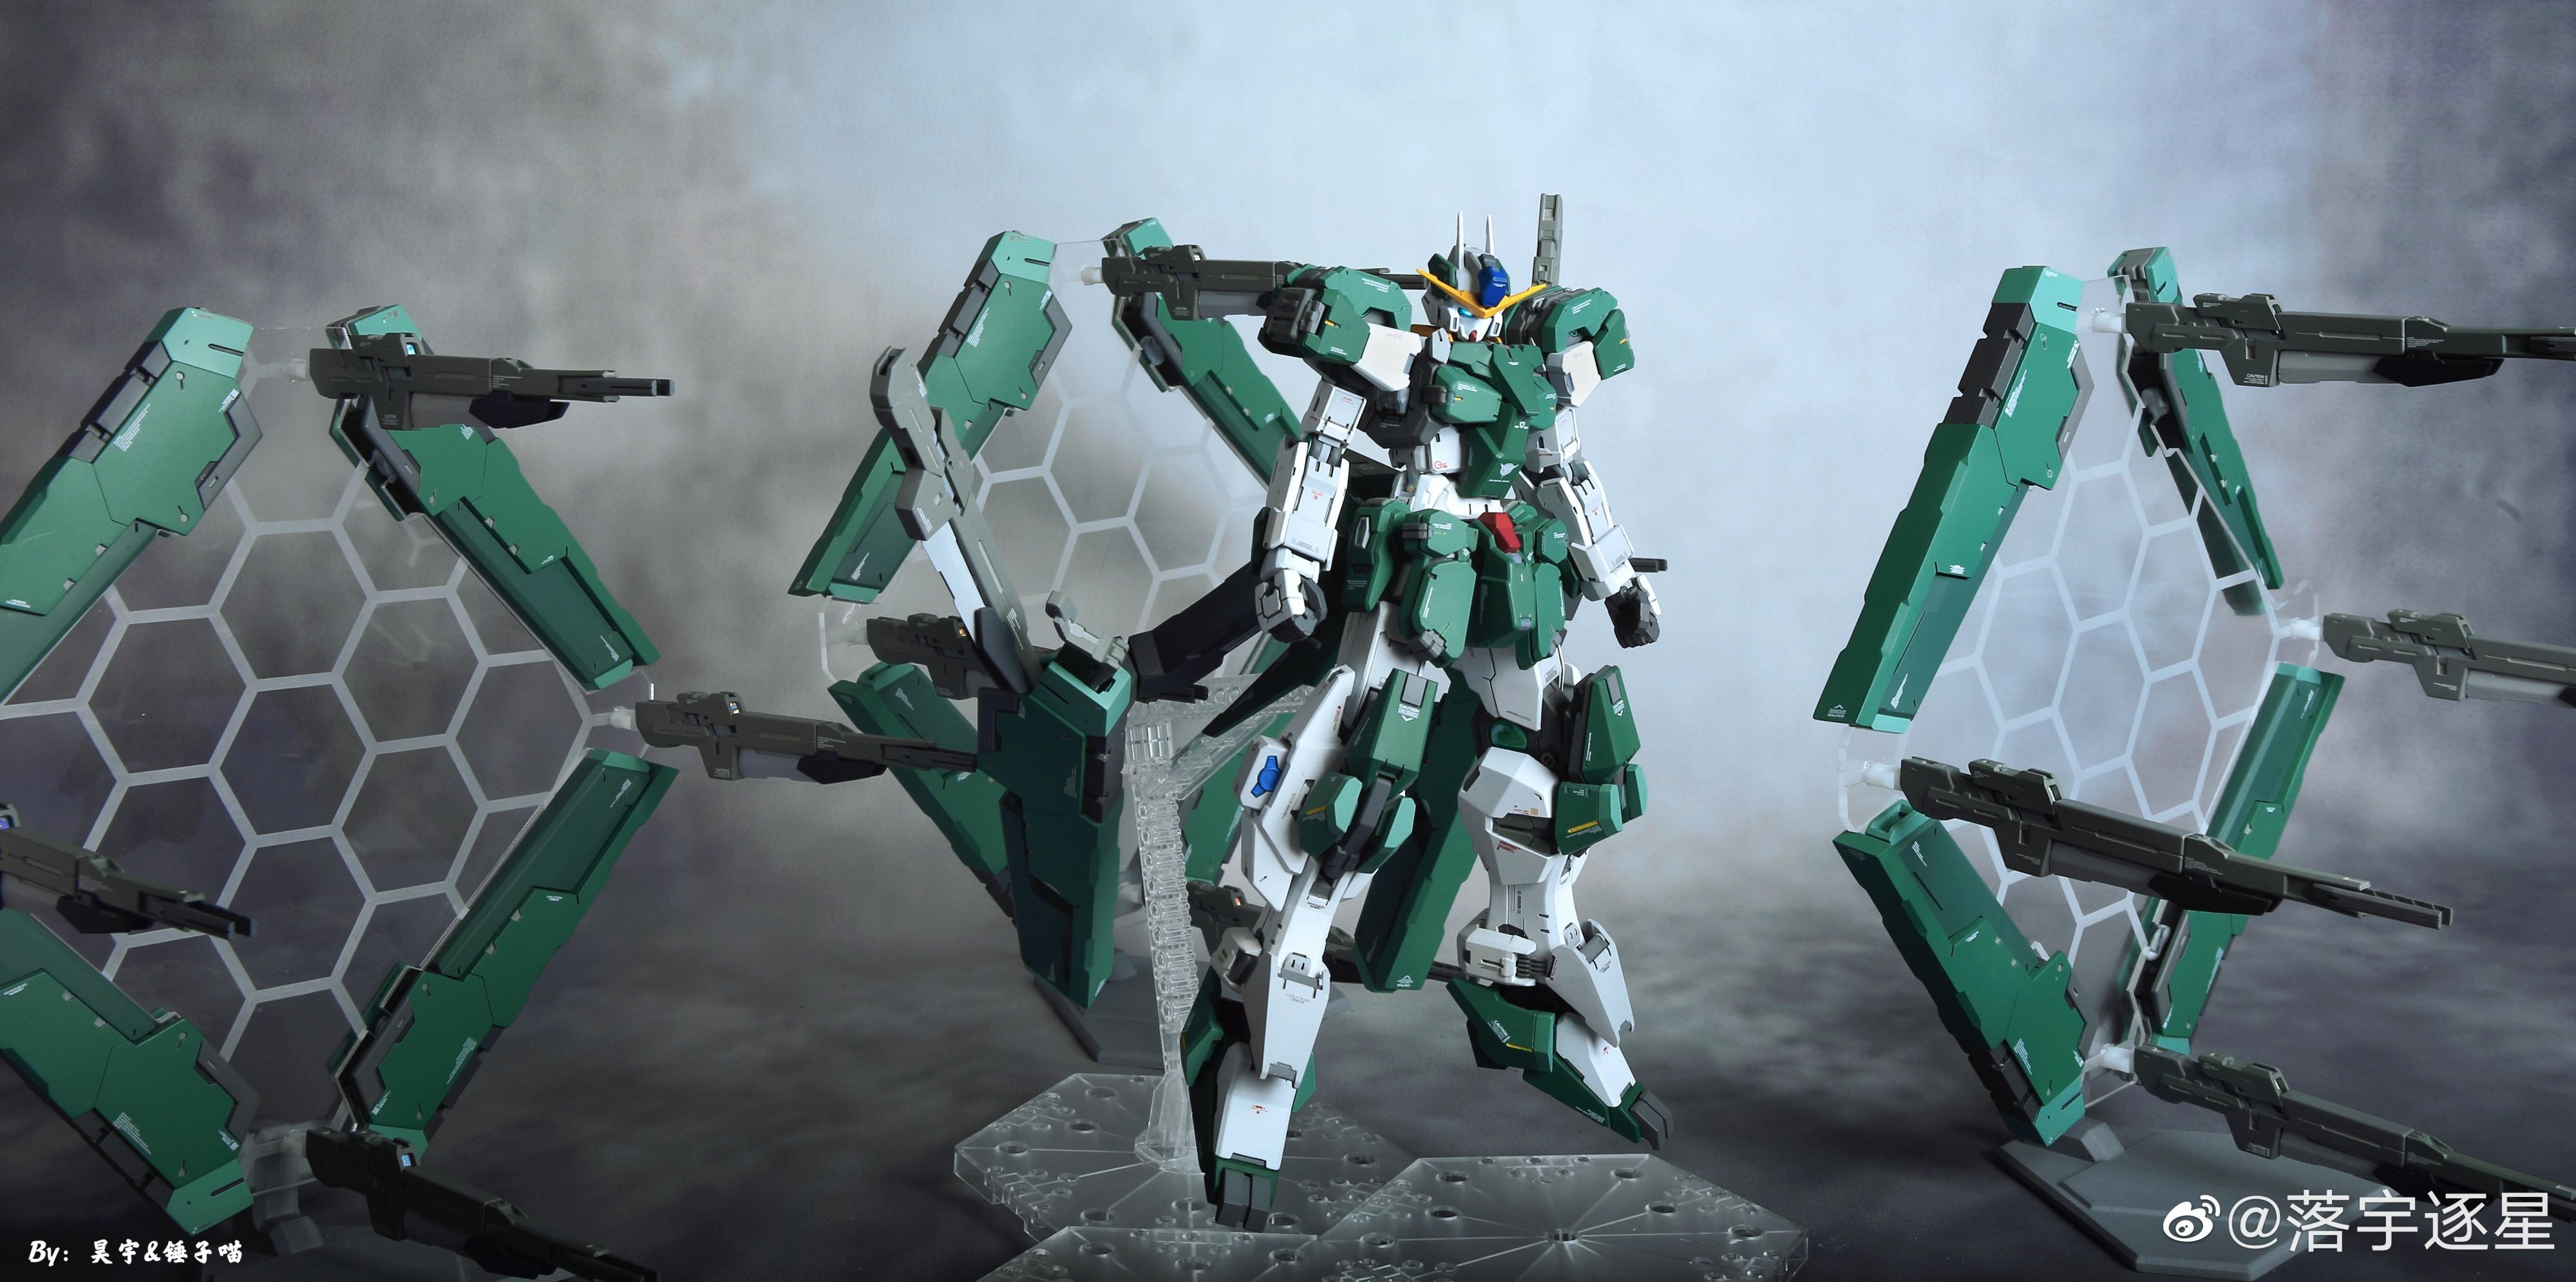 G652_3_GN_010_OO_Gundam_Zabanya_010.jpg